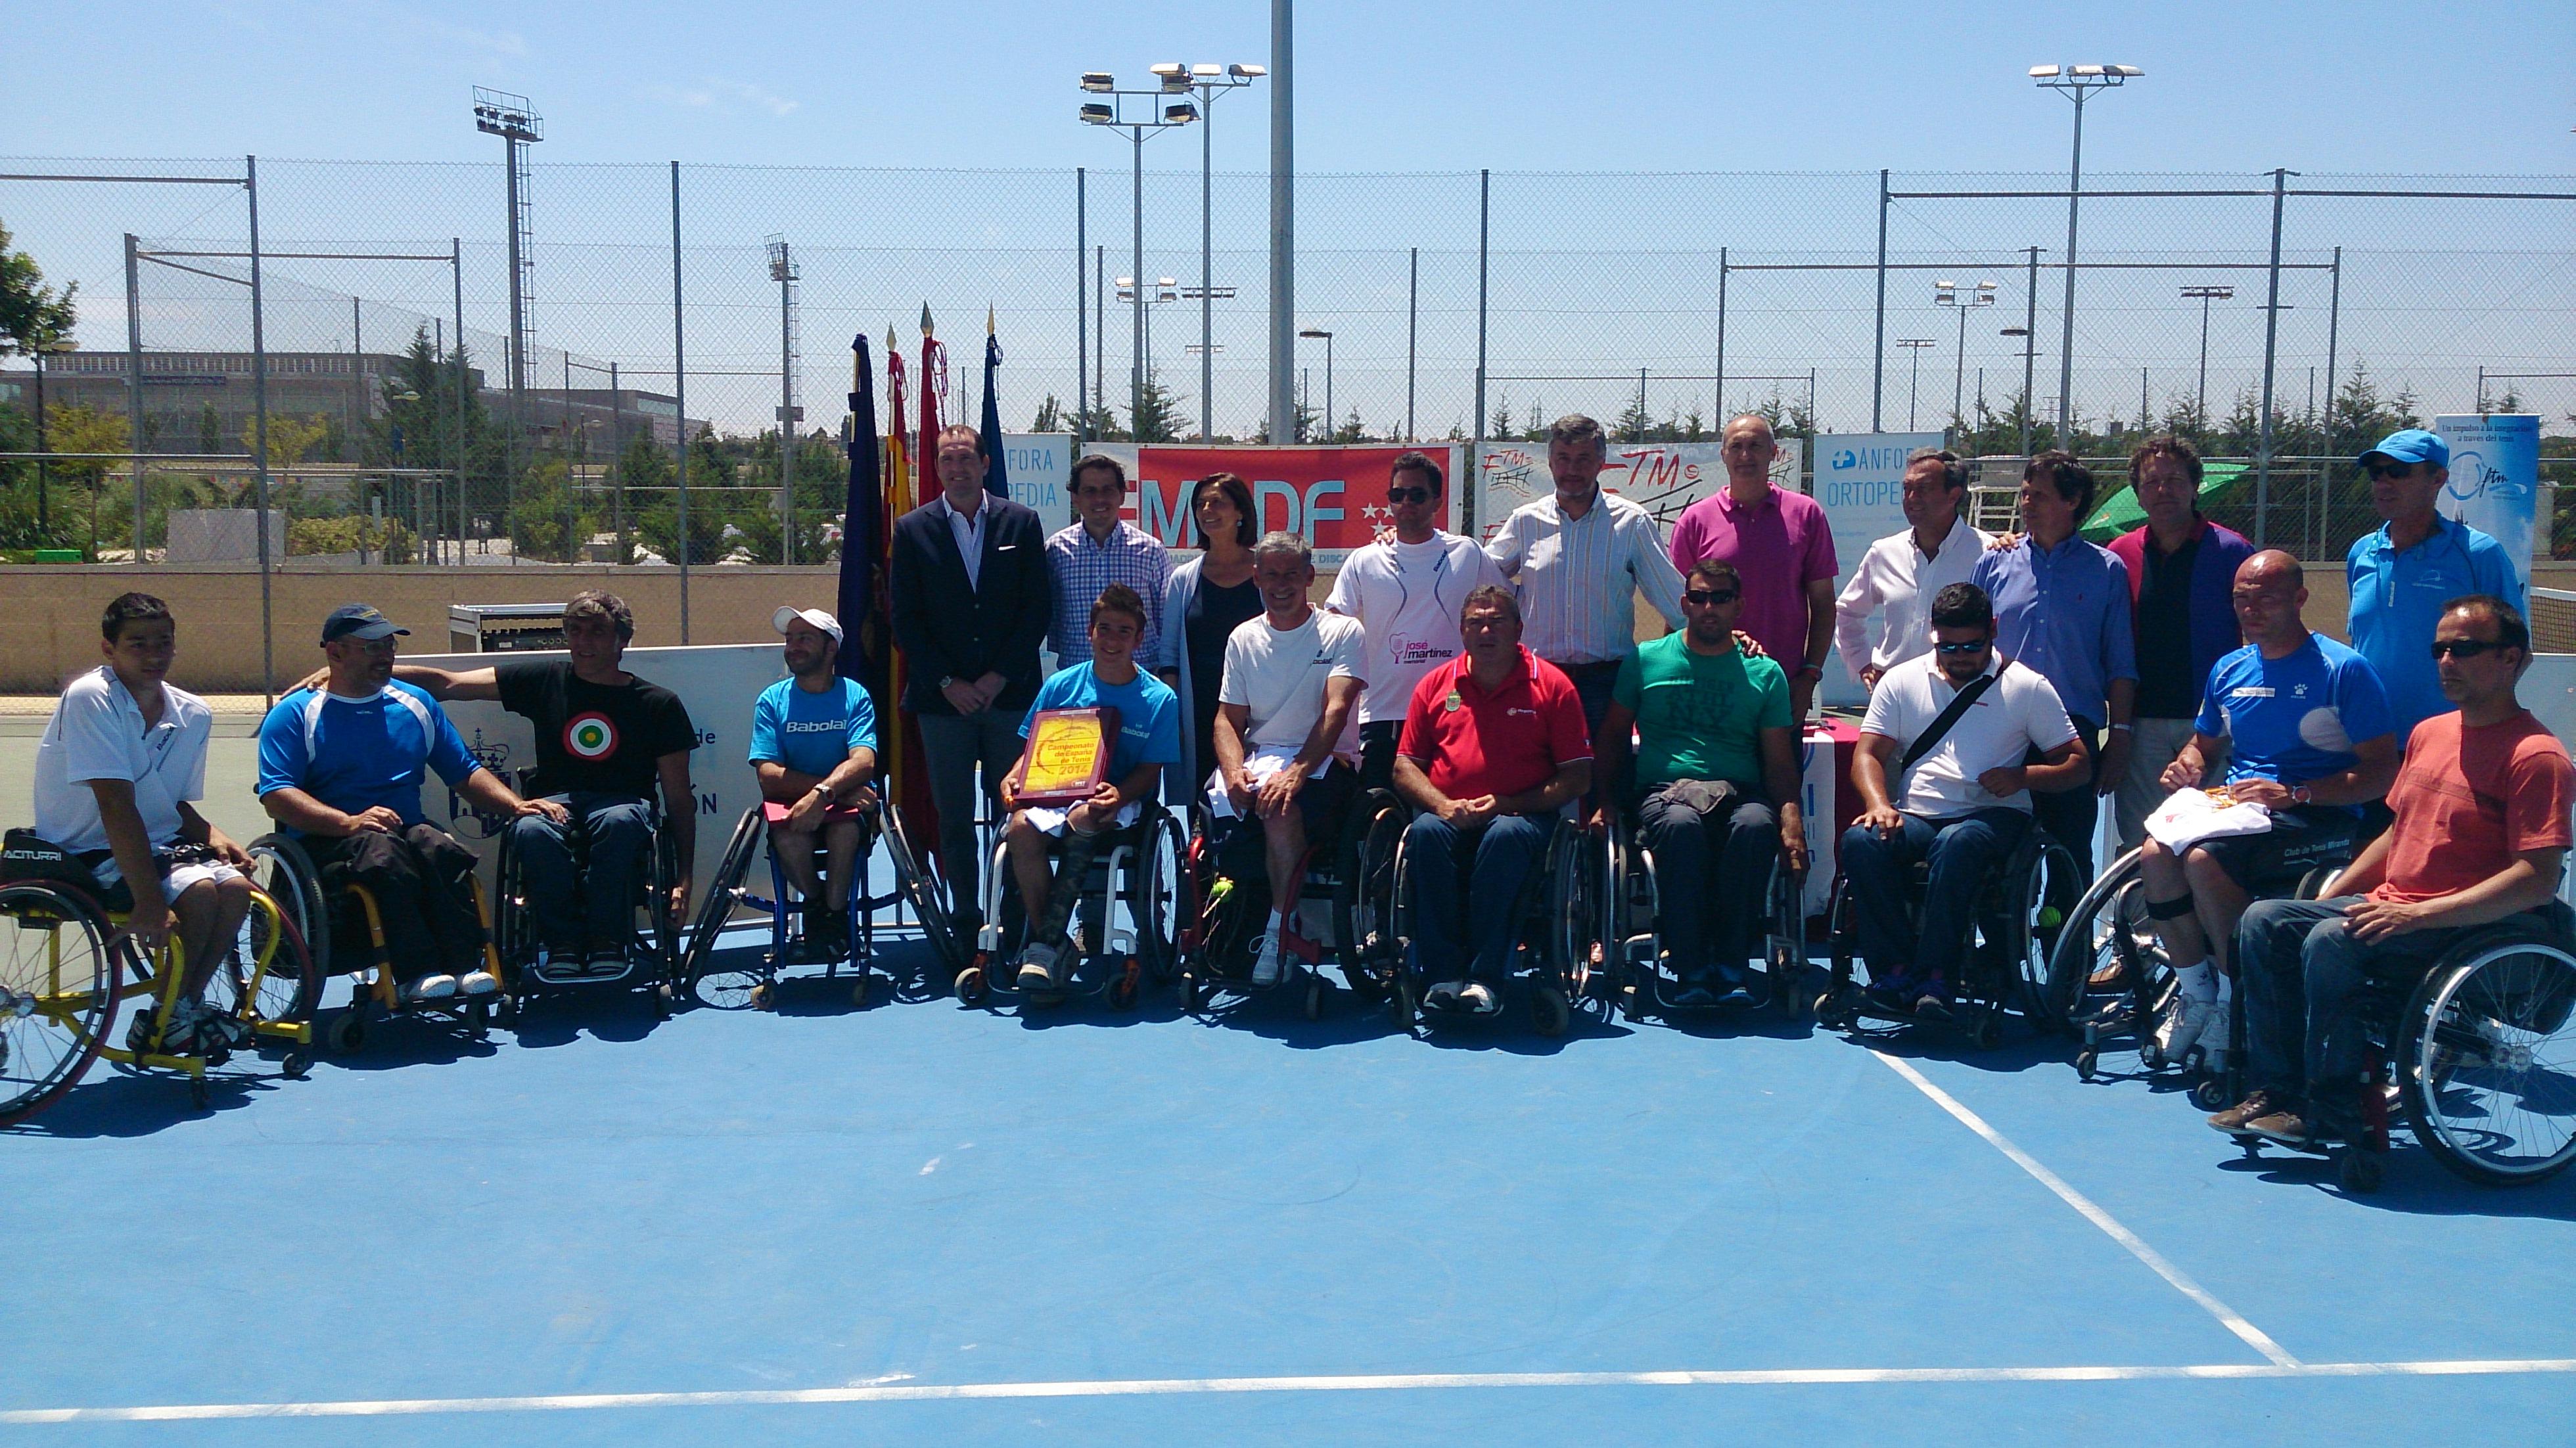 Martín de la Puente, campeón de España por partida doble en el Campeonato Absoluto Individual y Doble de Tenis en Silla